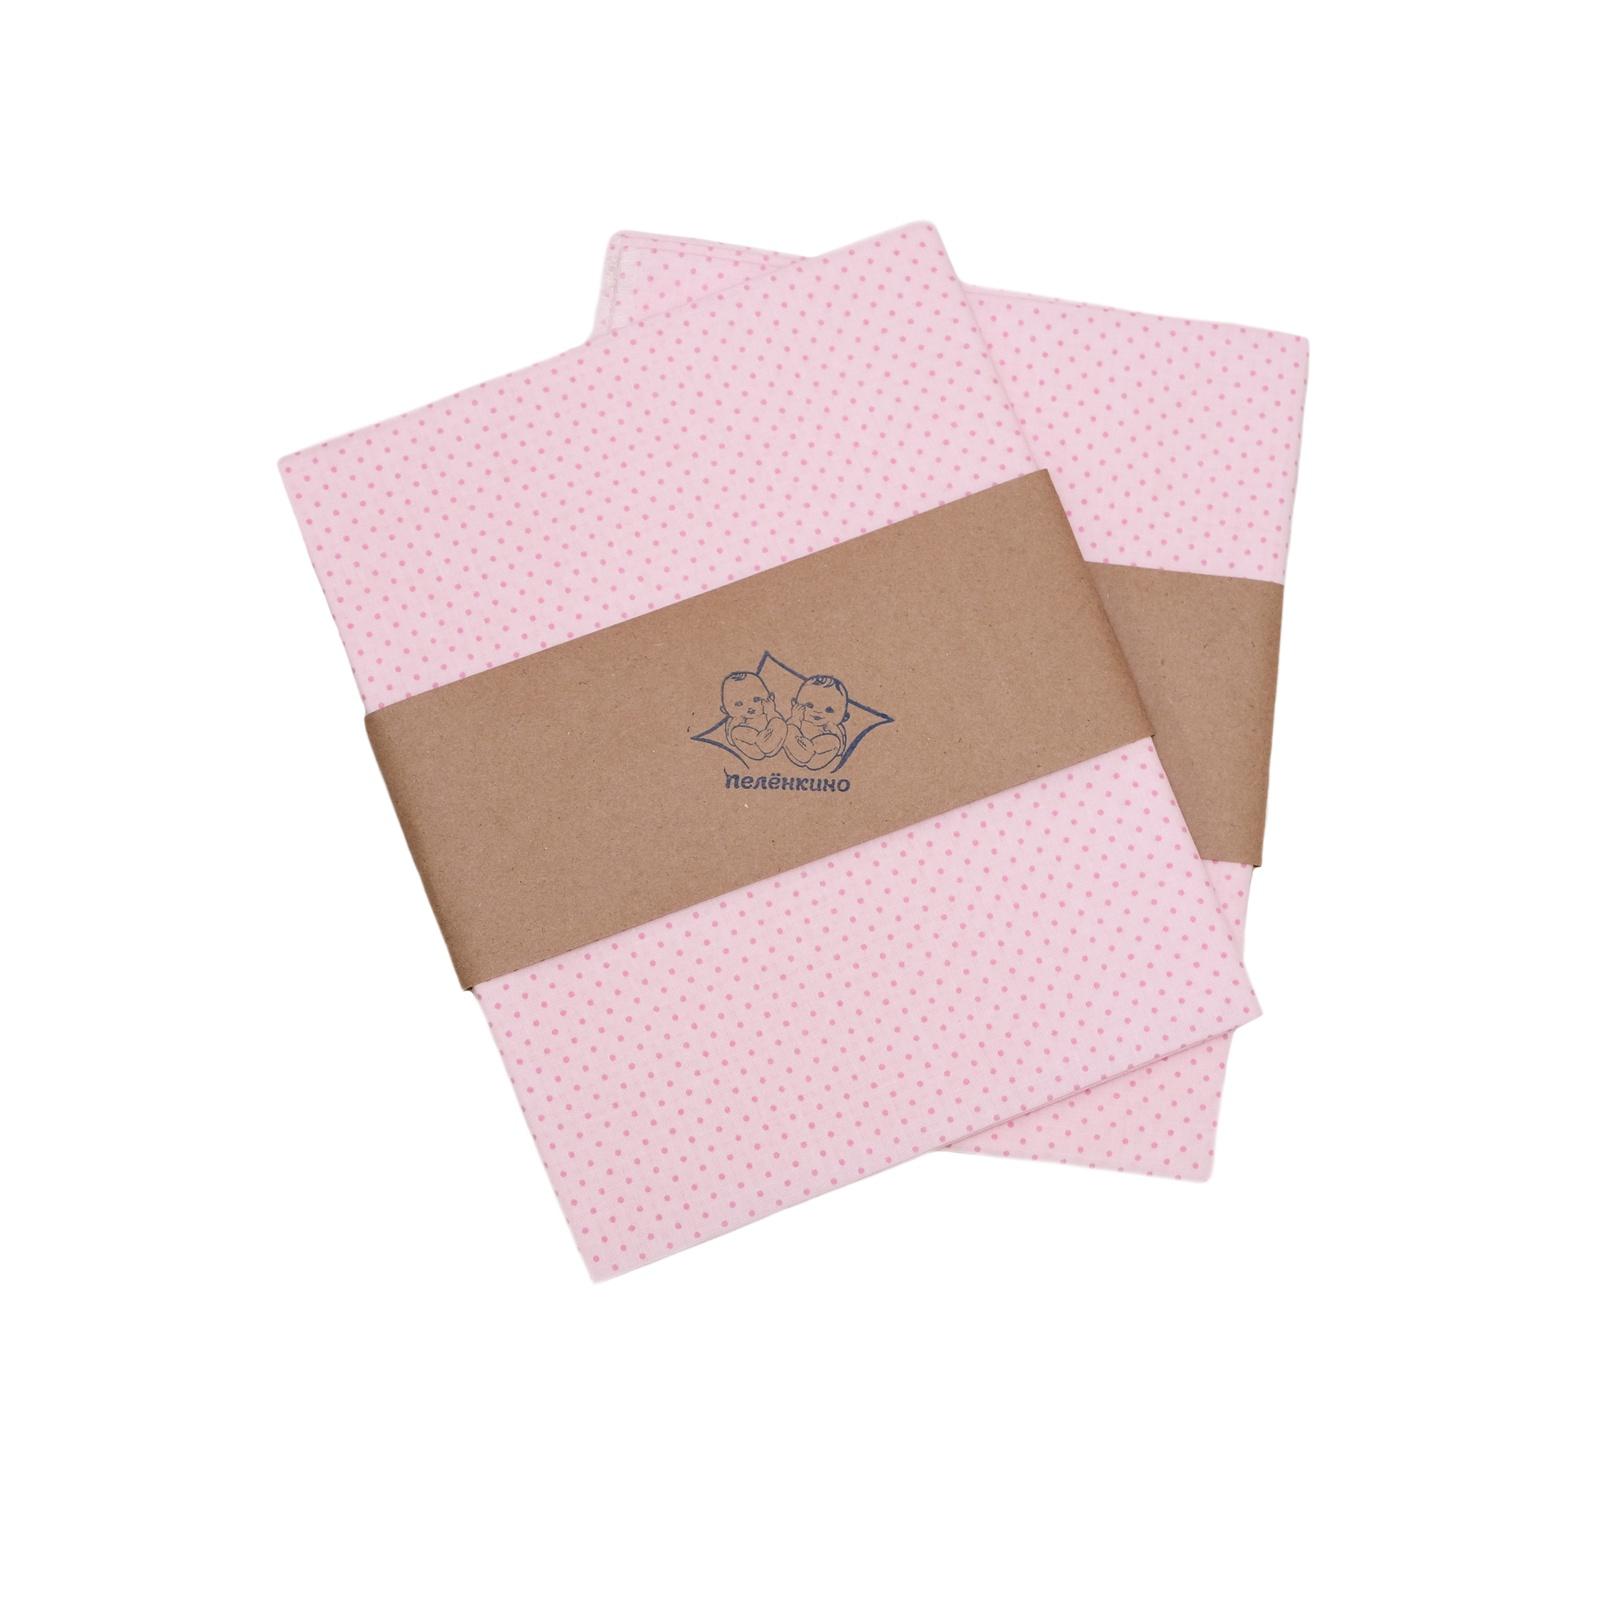 Пеленка текстильная Пелёнкино Ситцевая пеленка Мамина нежность цены